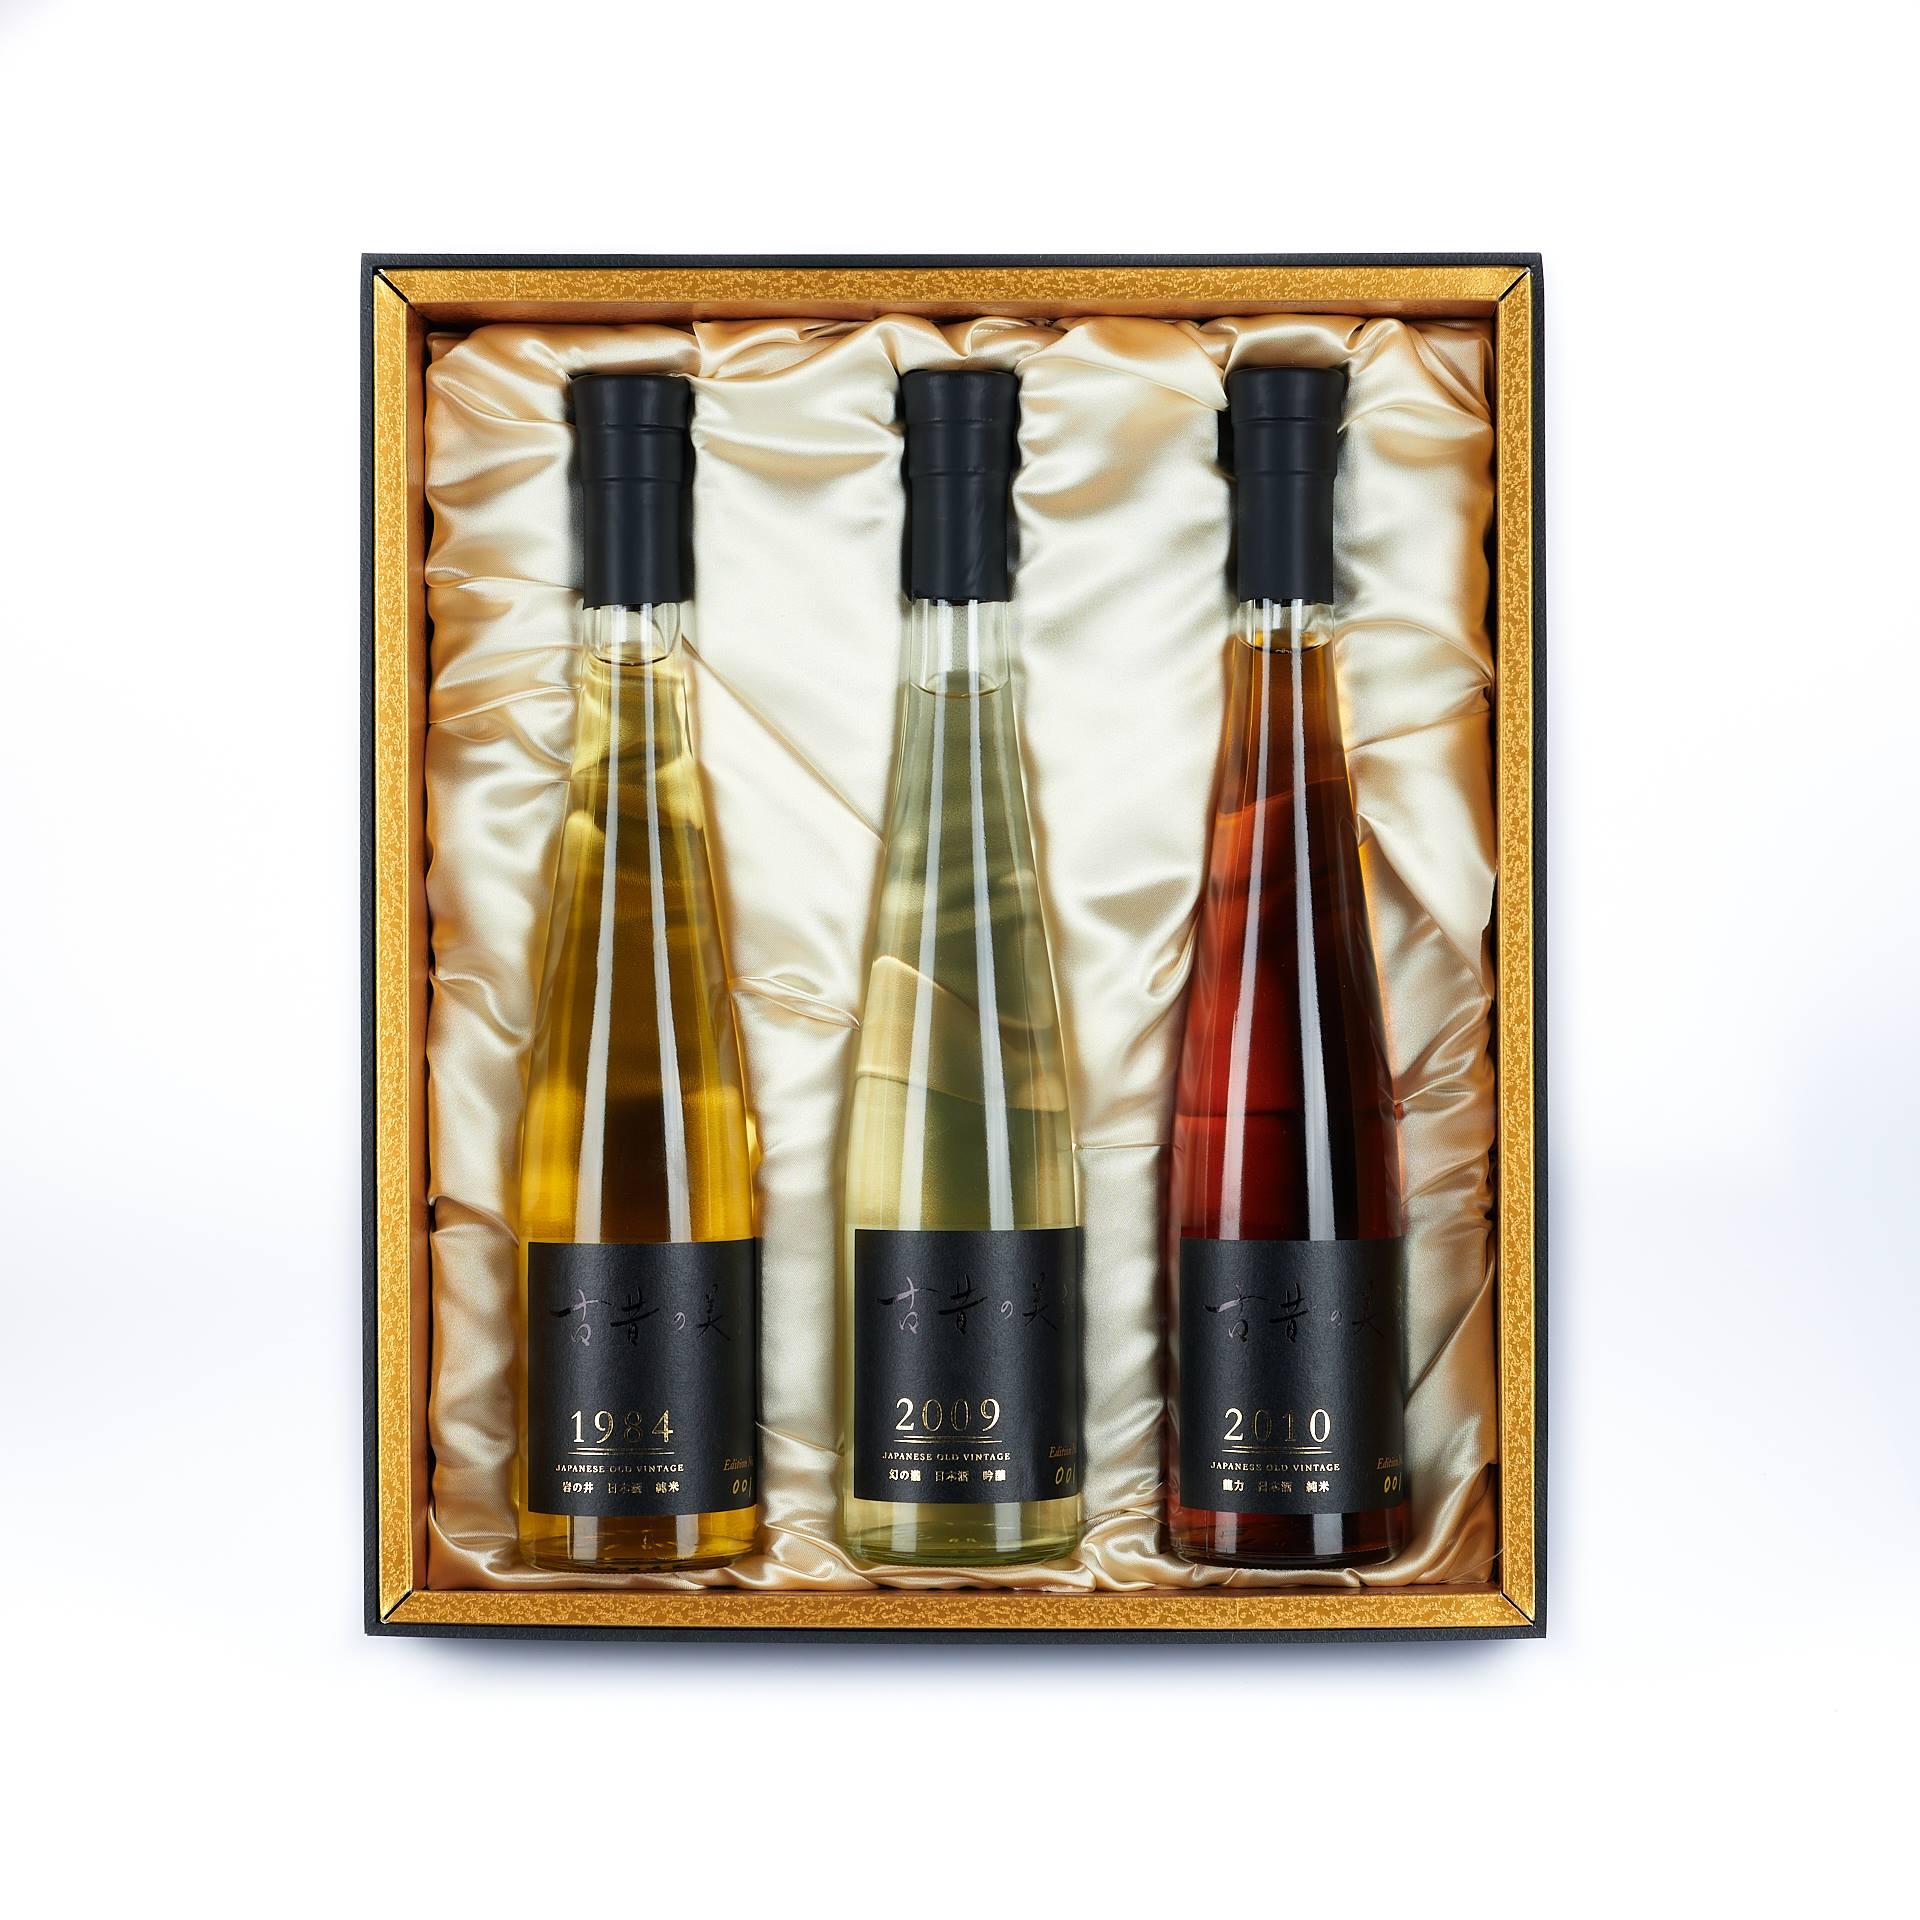 長期熟成古酒のプレミアムブランド 「古昔の美酒」 「フェミナリーズ世界ワインコンクール2021 日本酒熟成部門」にて金賞 受賞3銘柄のギフトセット『古昔の美酒 GOLD』6月6日販売開始